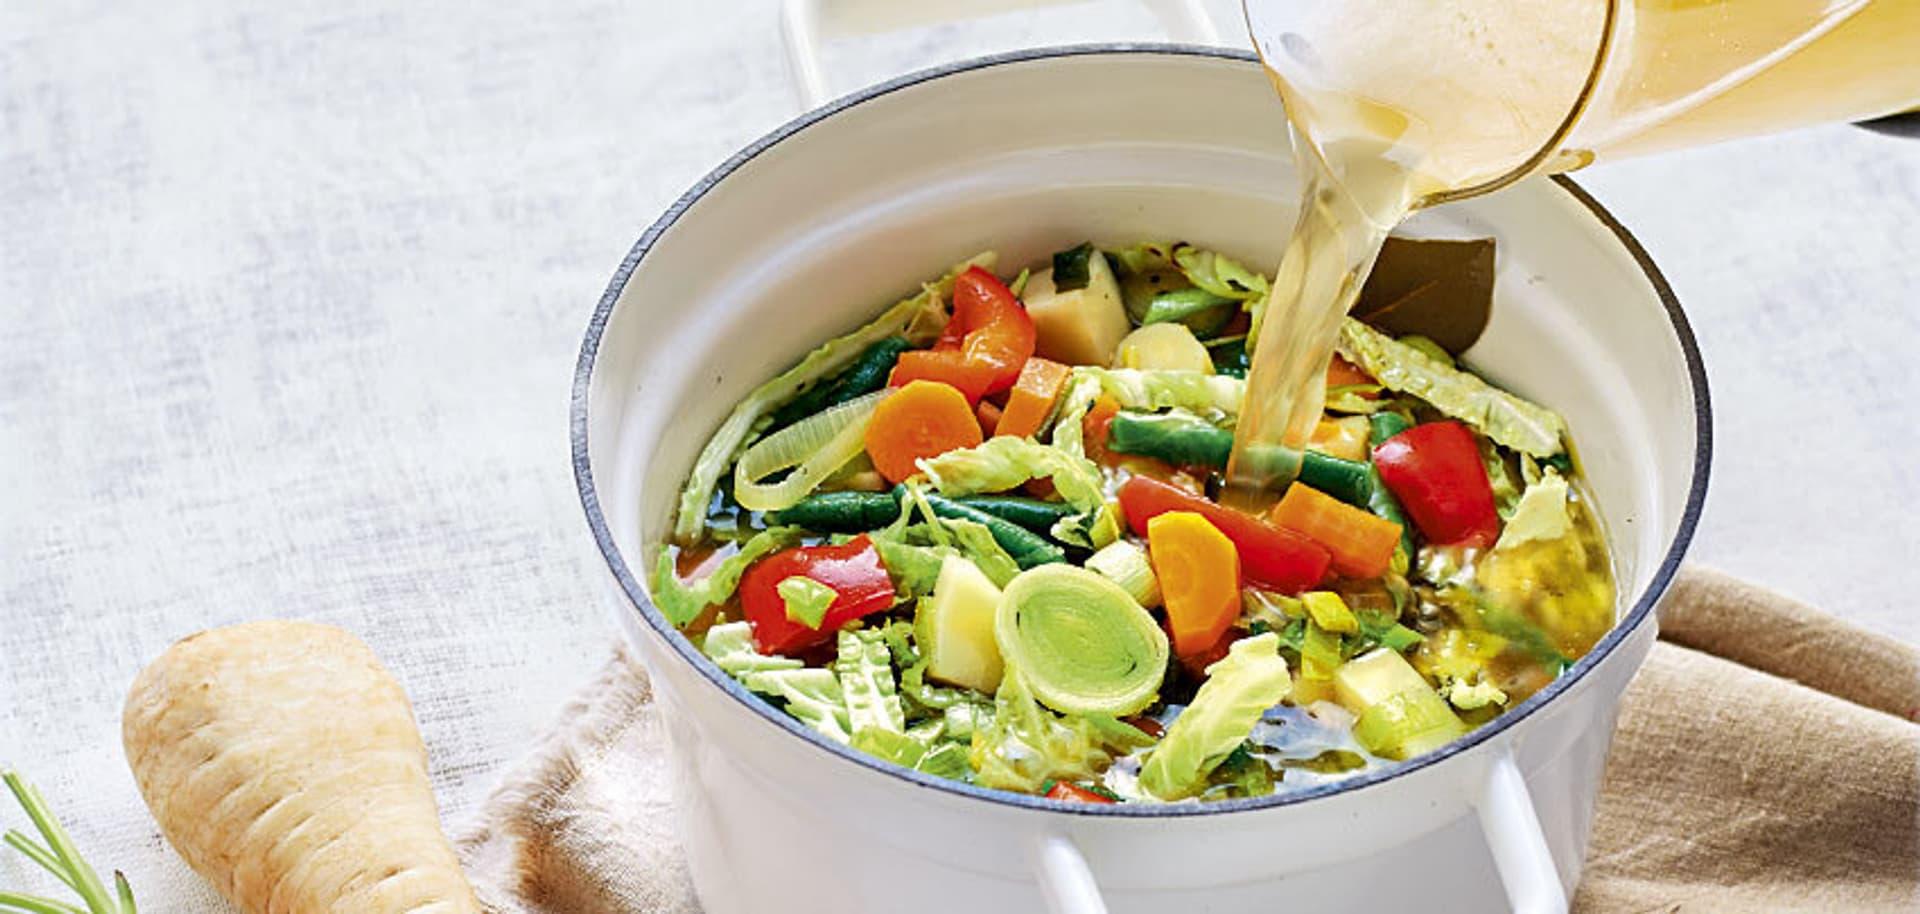 Ein Topf mit Gemüse, in den gerade Brühe gegossen wird